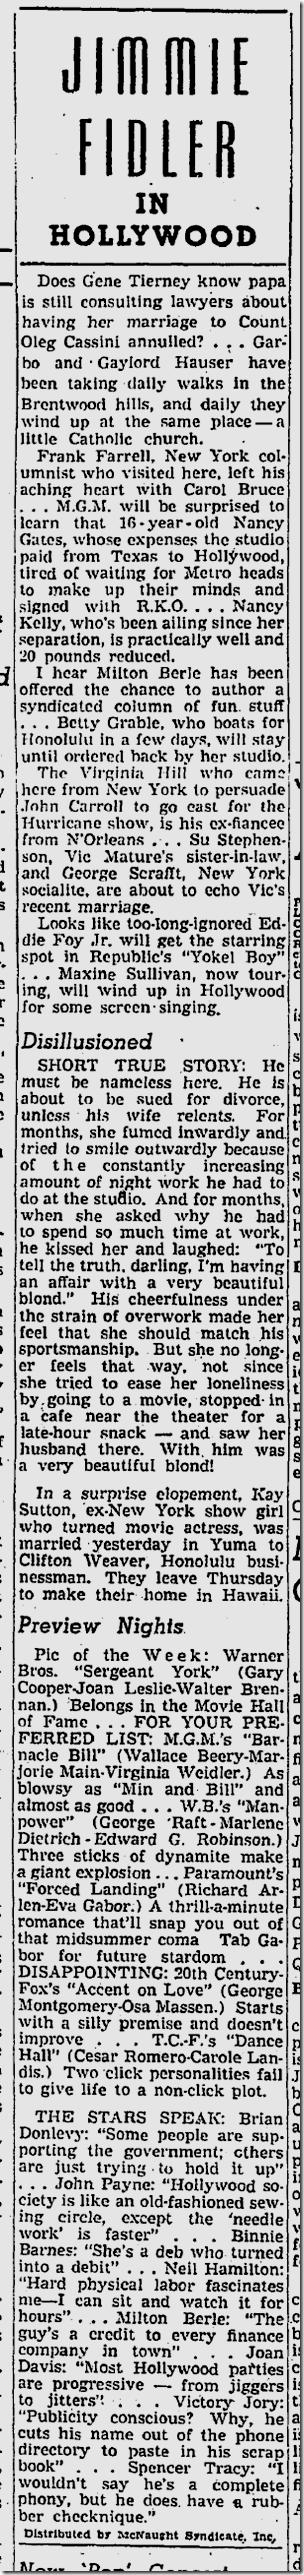 June 8, 1941, Jimmie Fidler